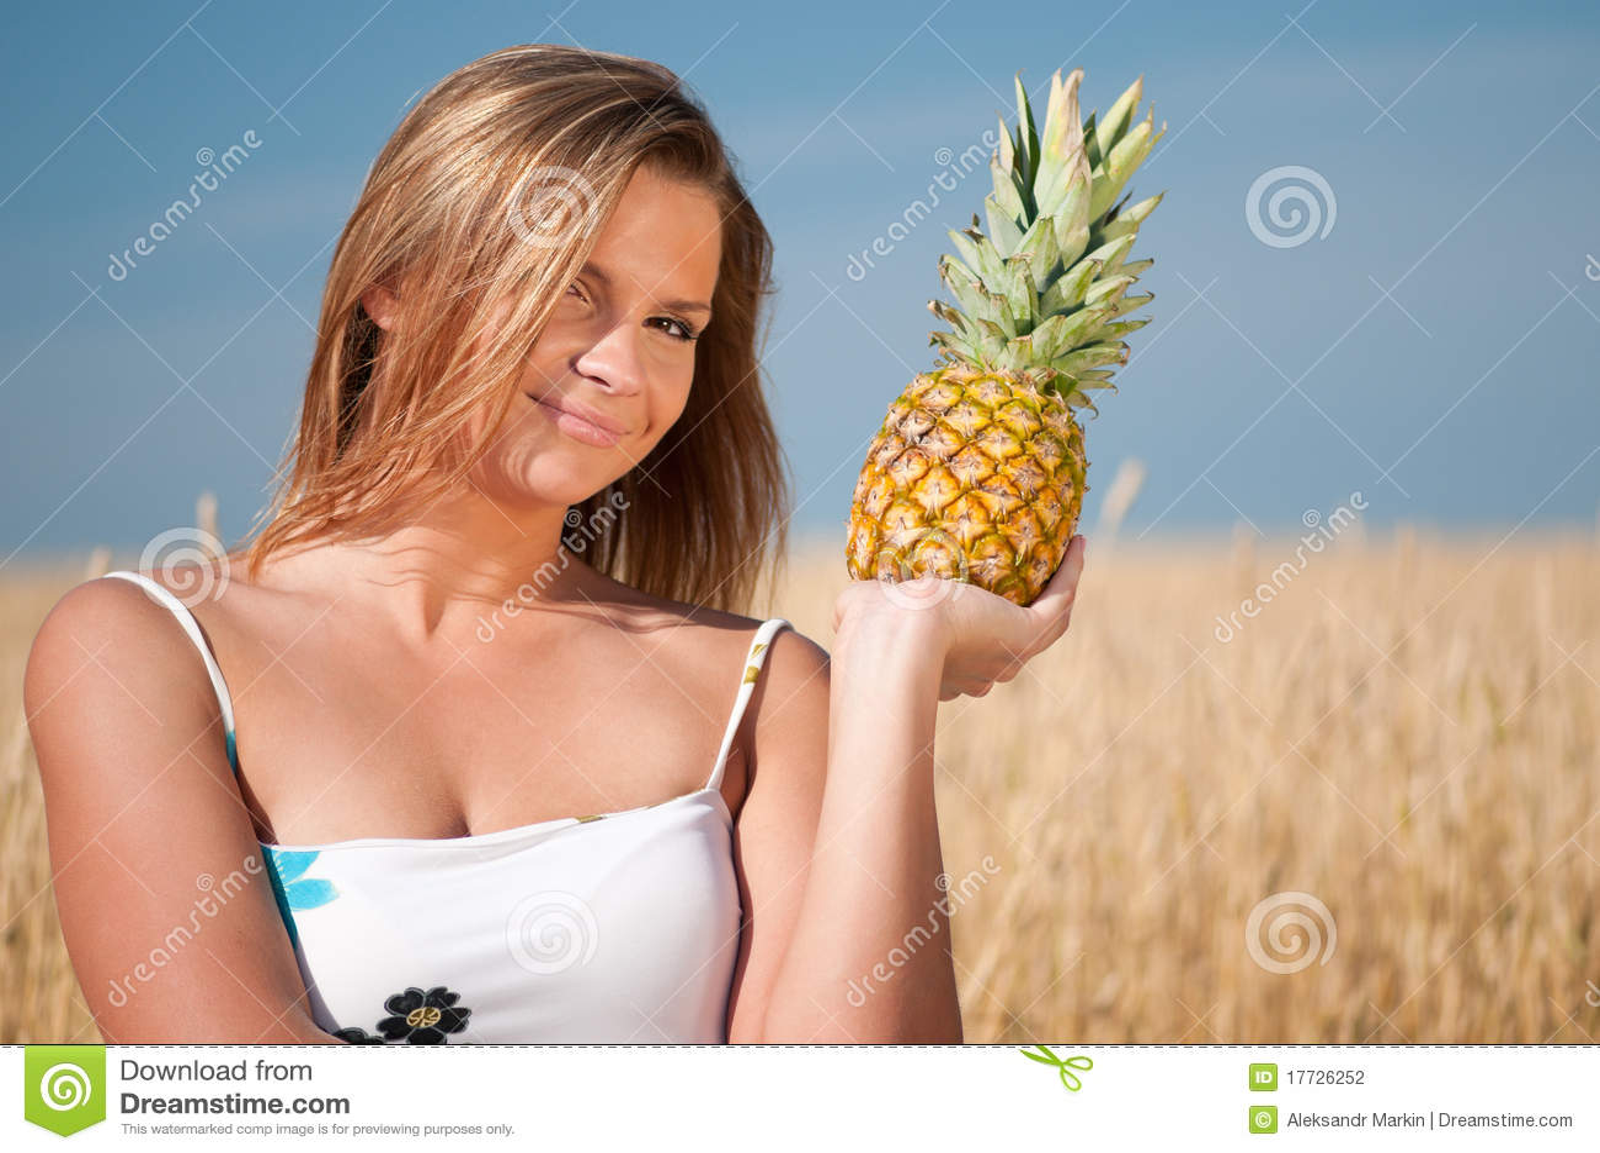 Смотреть секс с ананасом бесплатно 18 фотография